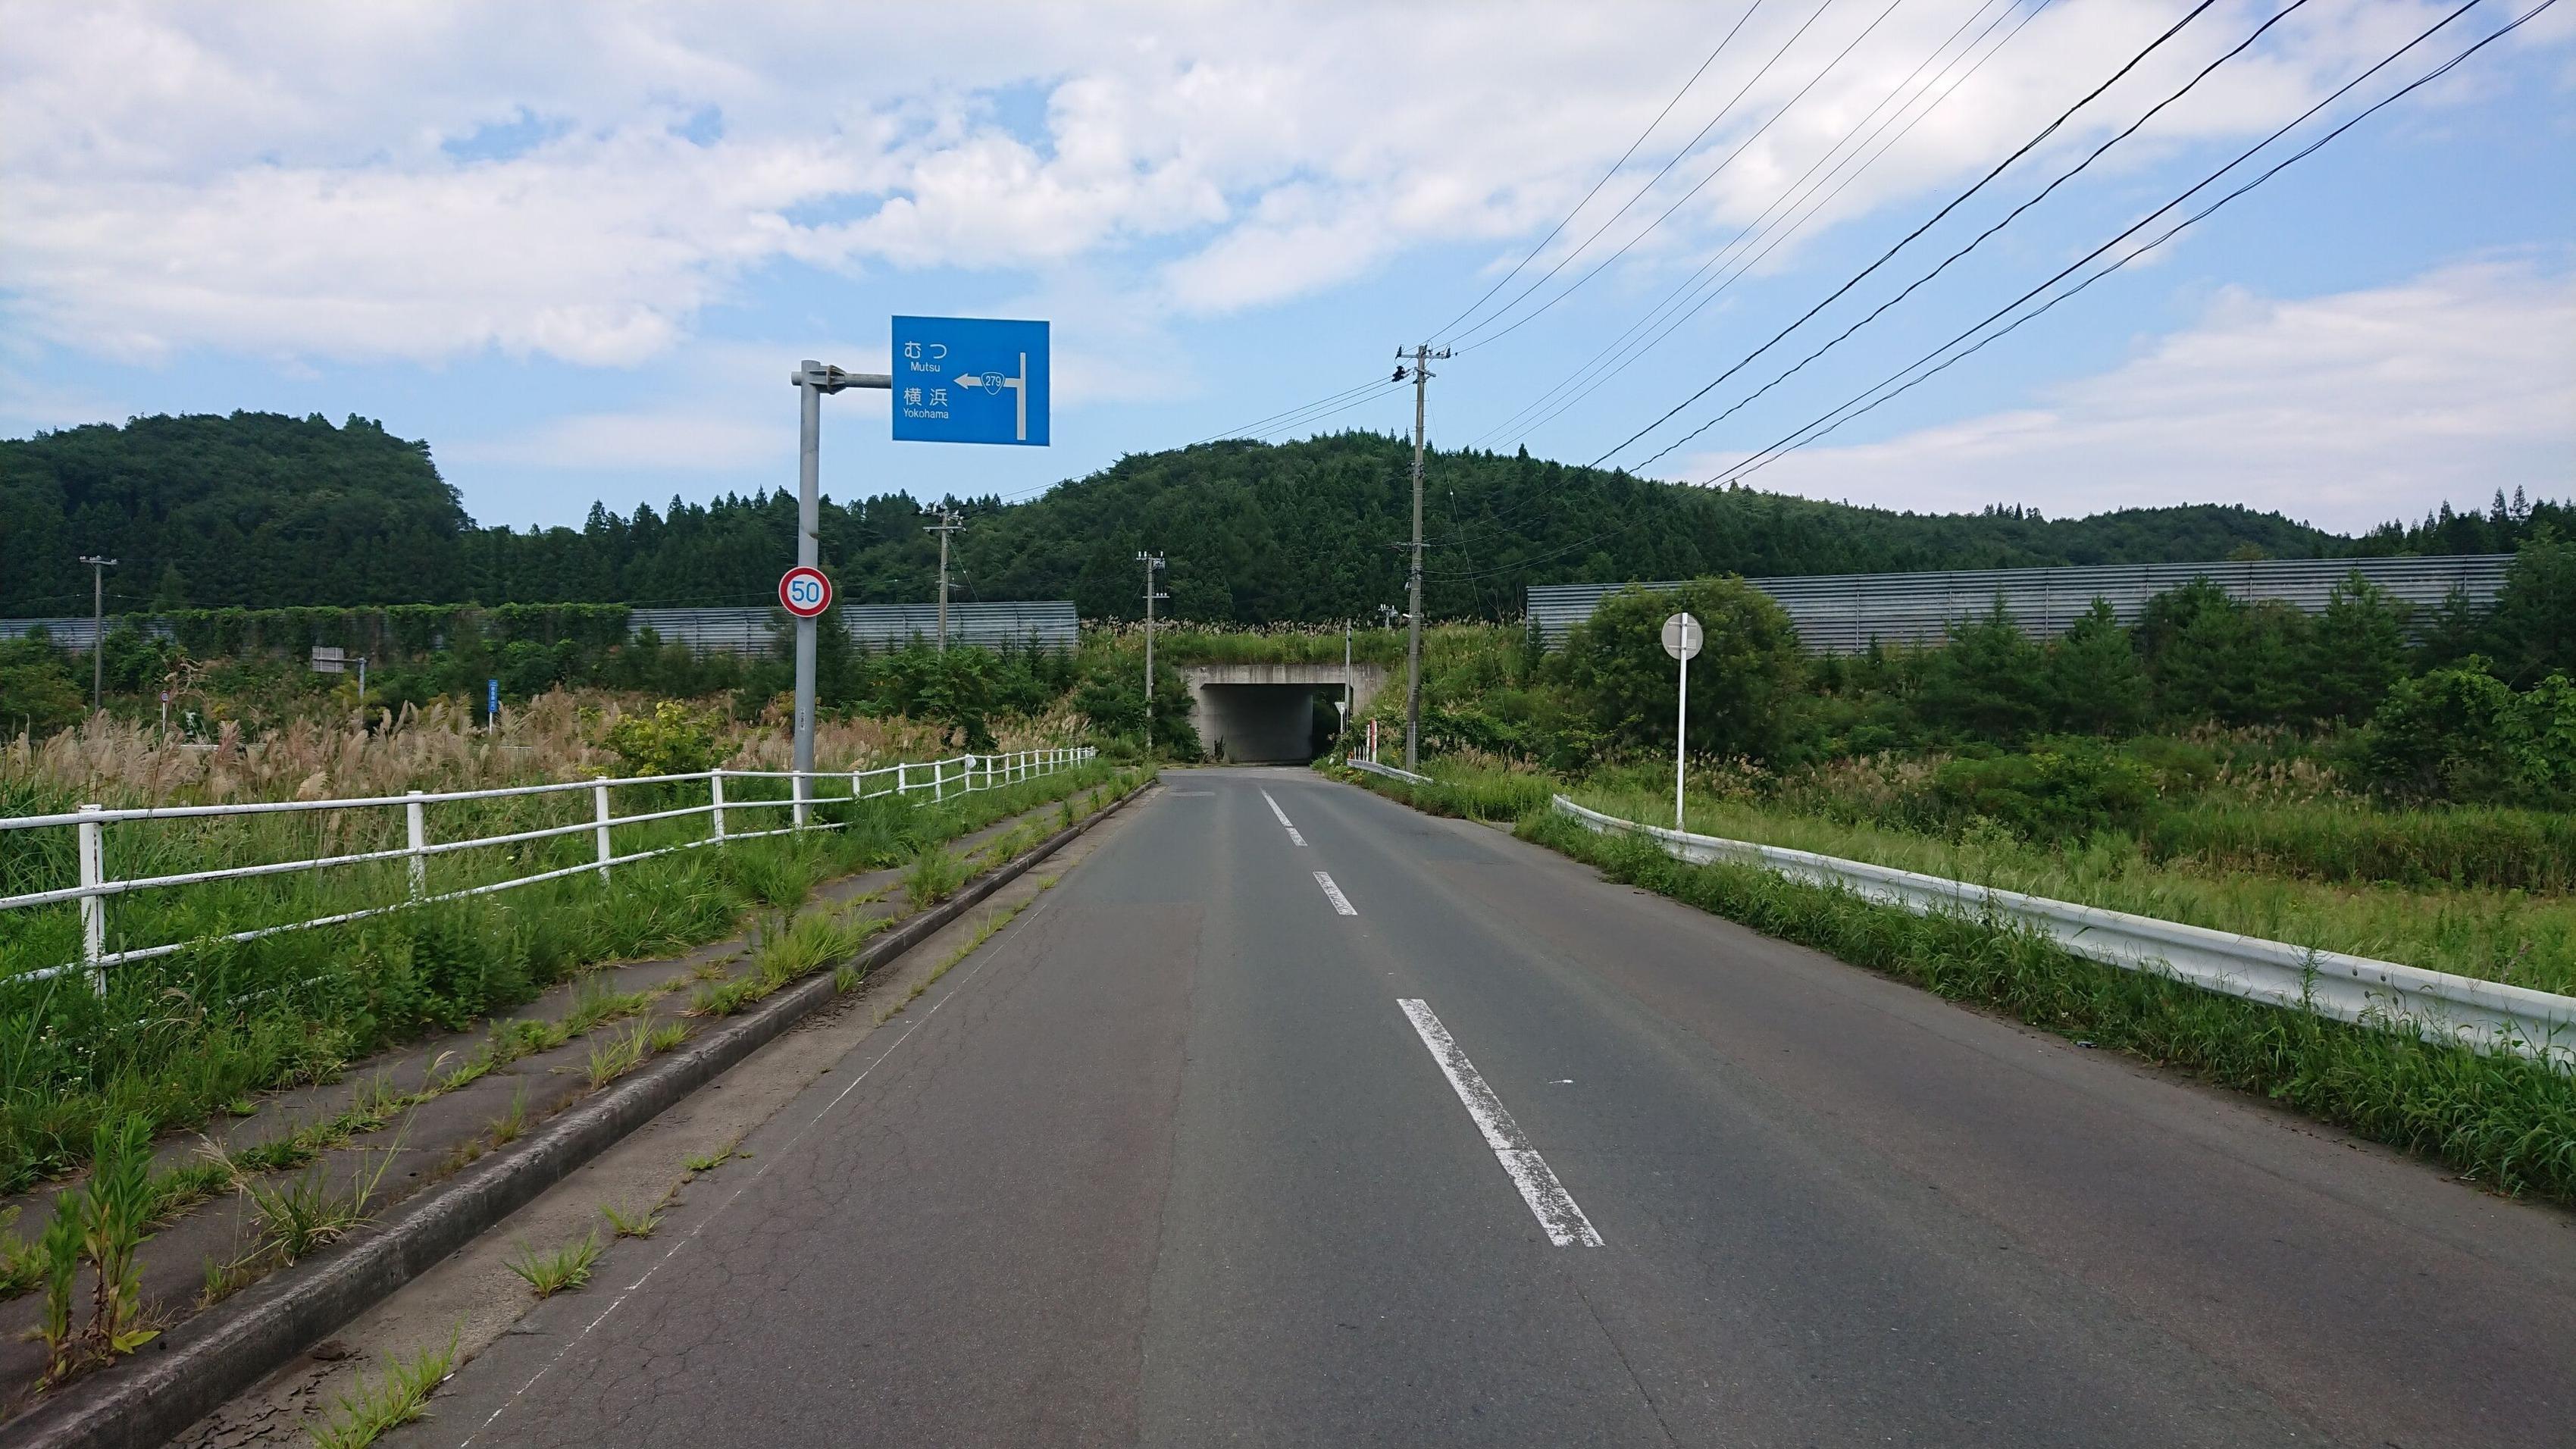 DSC_7881